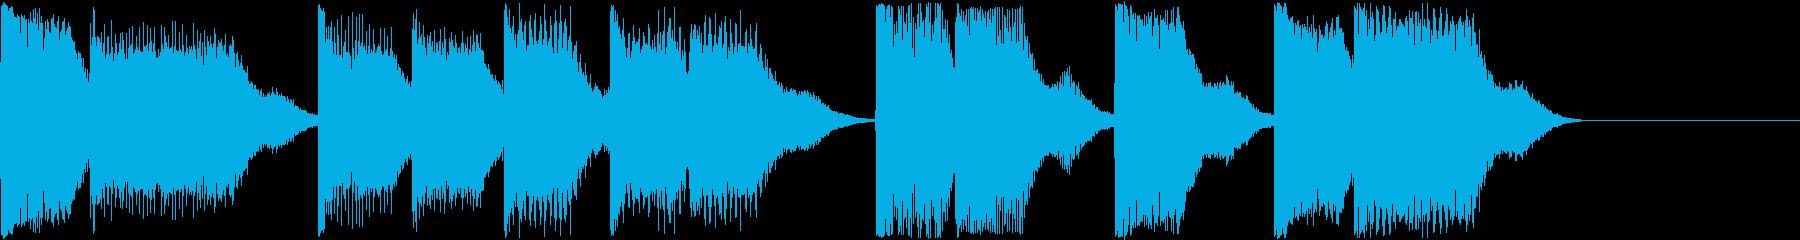 AI メカ/ロボ/マシン動作音 7の再生済みの波形